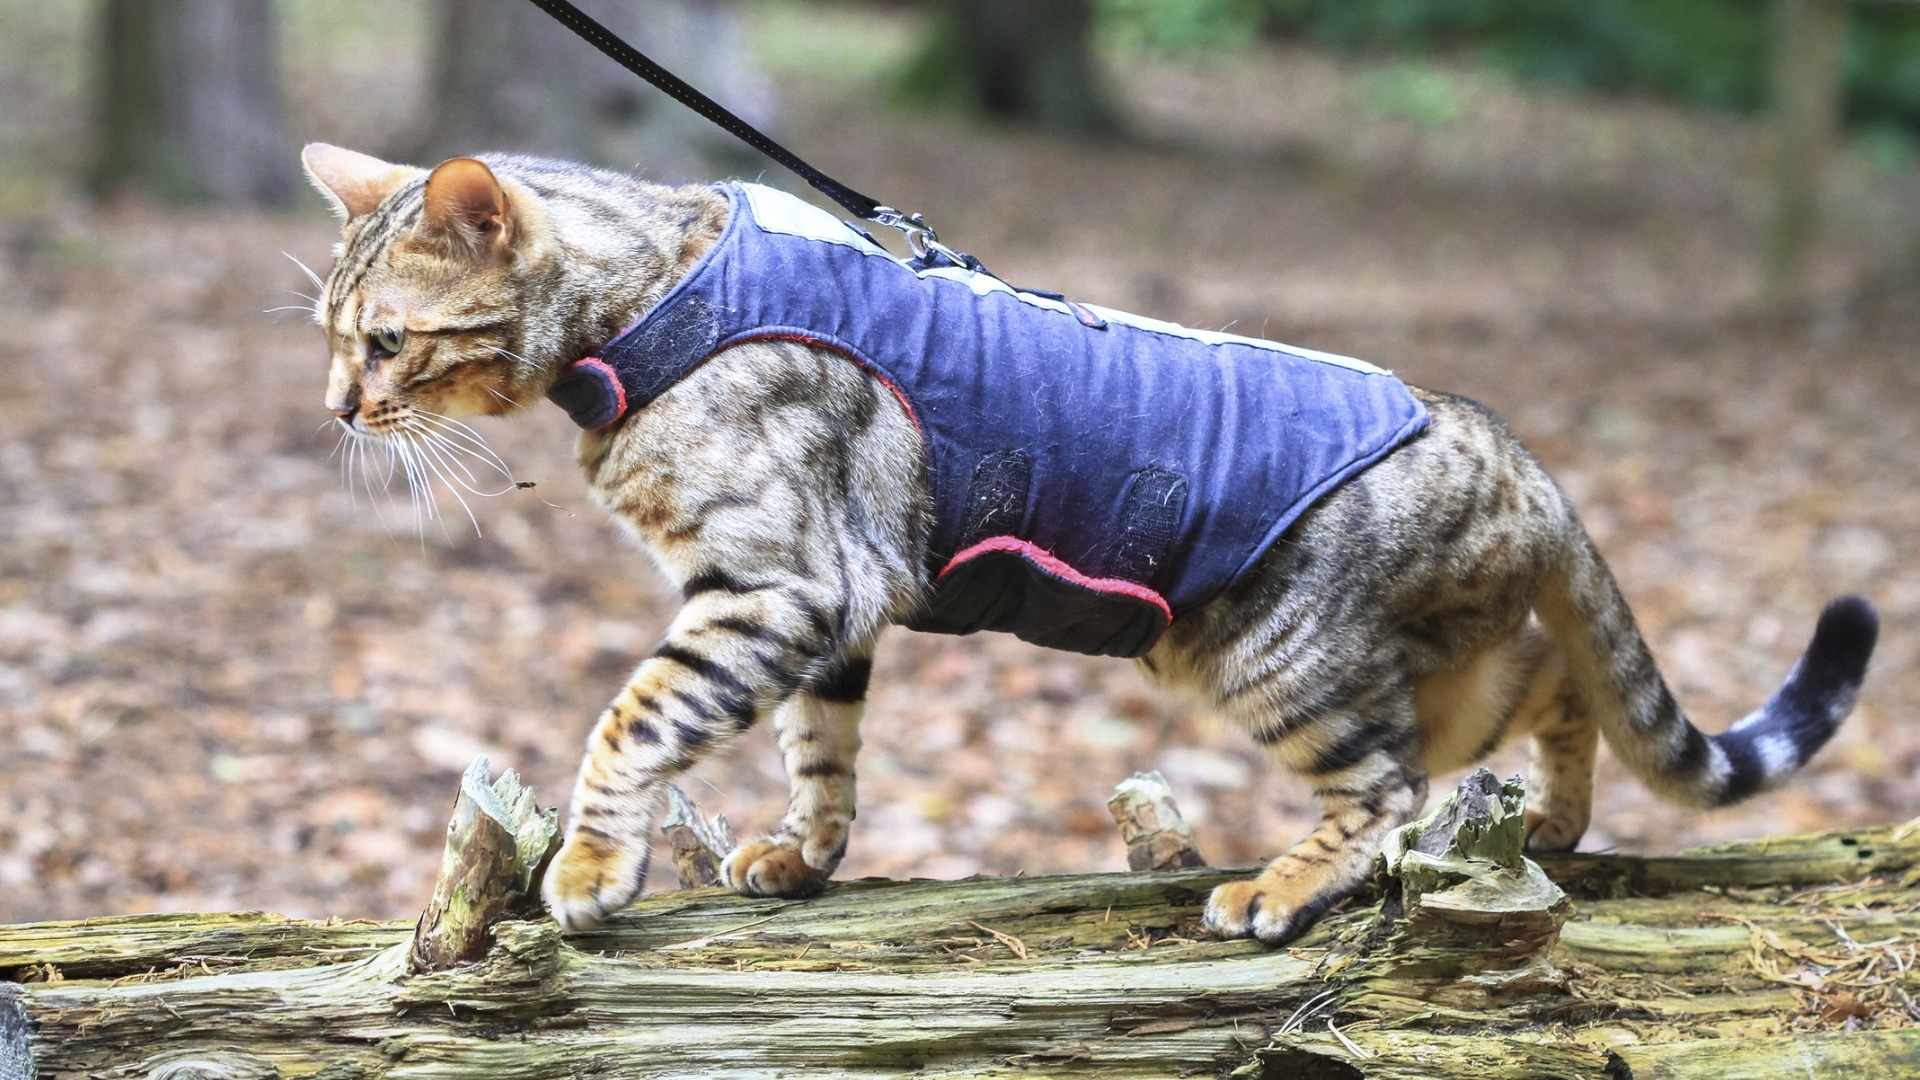 Kissojen rakenne vaihtelee, ja valjaat kannattaa valita sen mukaan. Monet nykyaikaiset valjaat ovat leveitä ja hyvin istuvia.